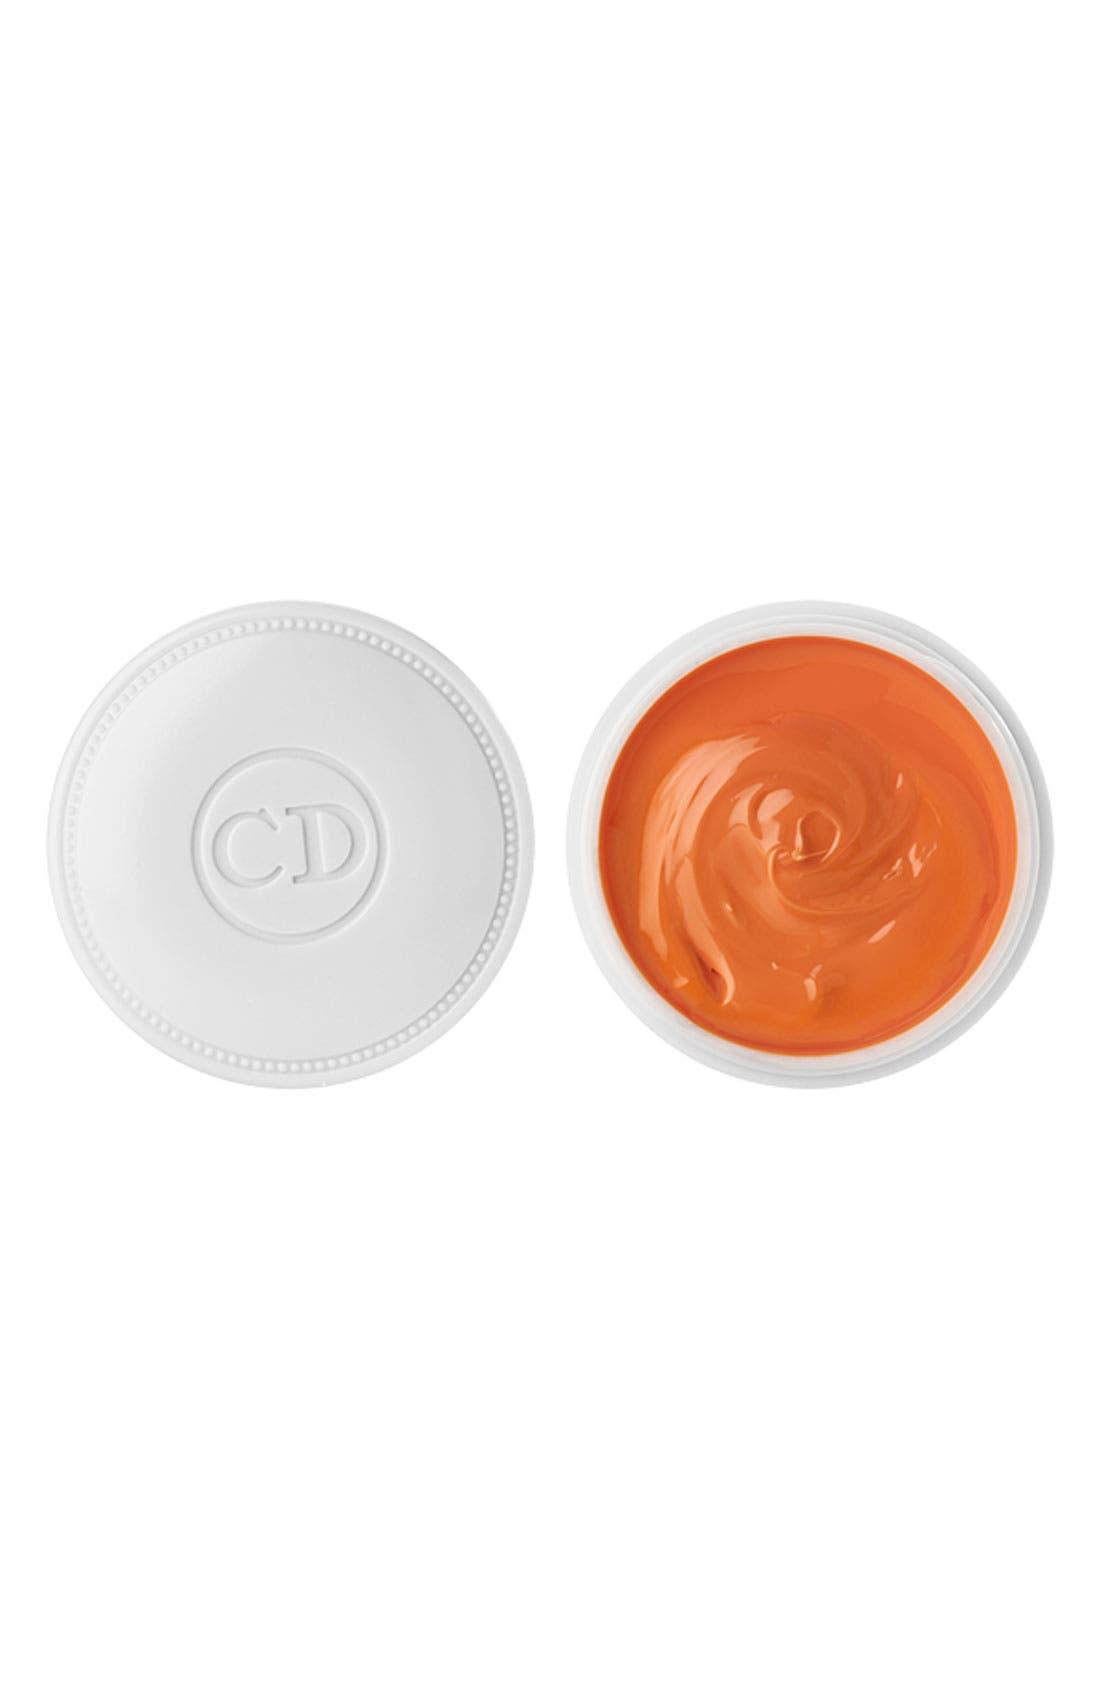 Dior 'Crème Abricot' Nail Cream